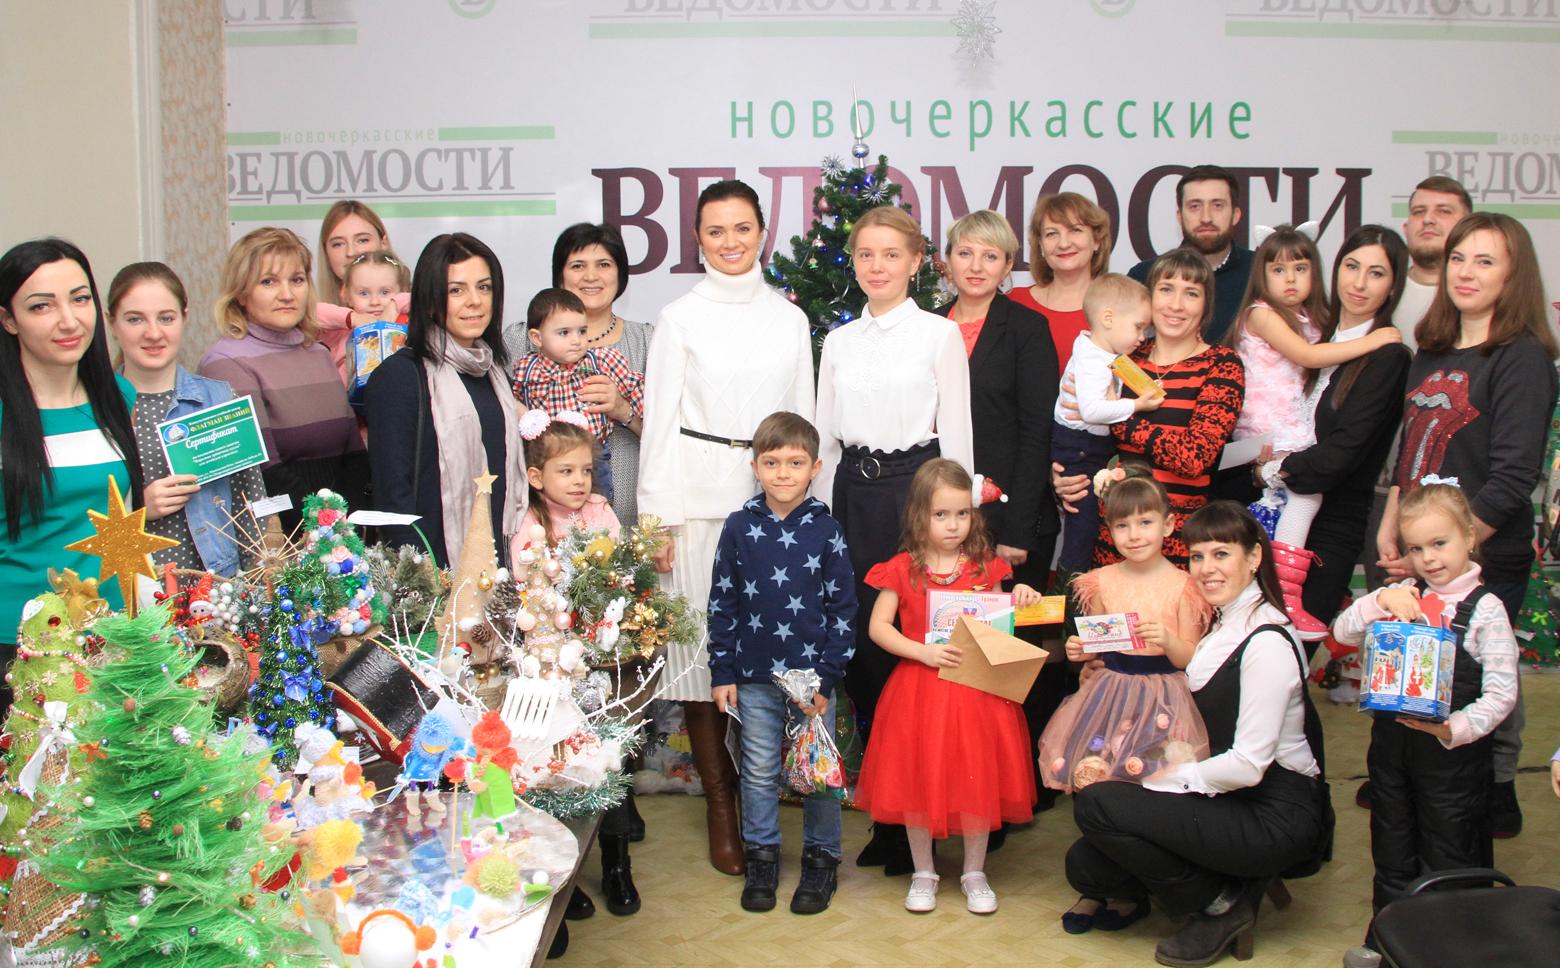 Участники Новогоднего конкурса инициируемого редакцией «НВ» получи призы почти на 100 тыс. рублей